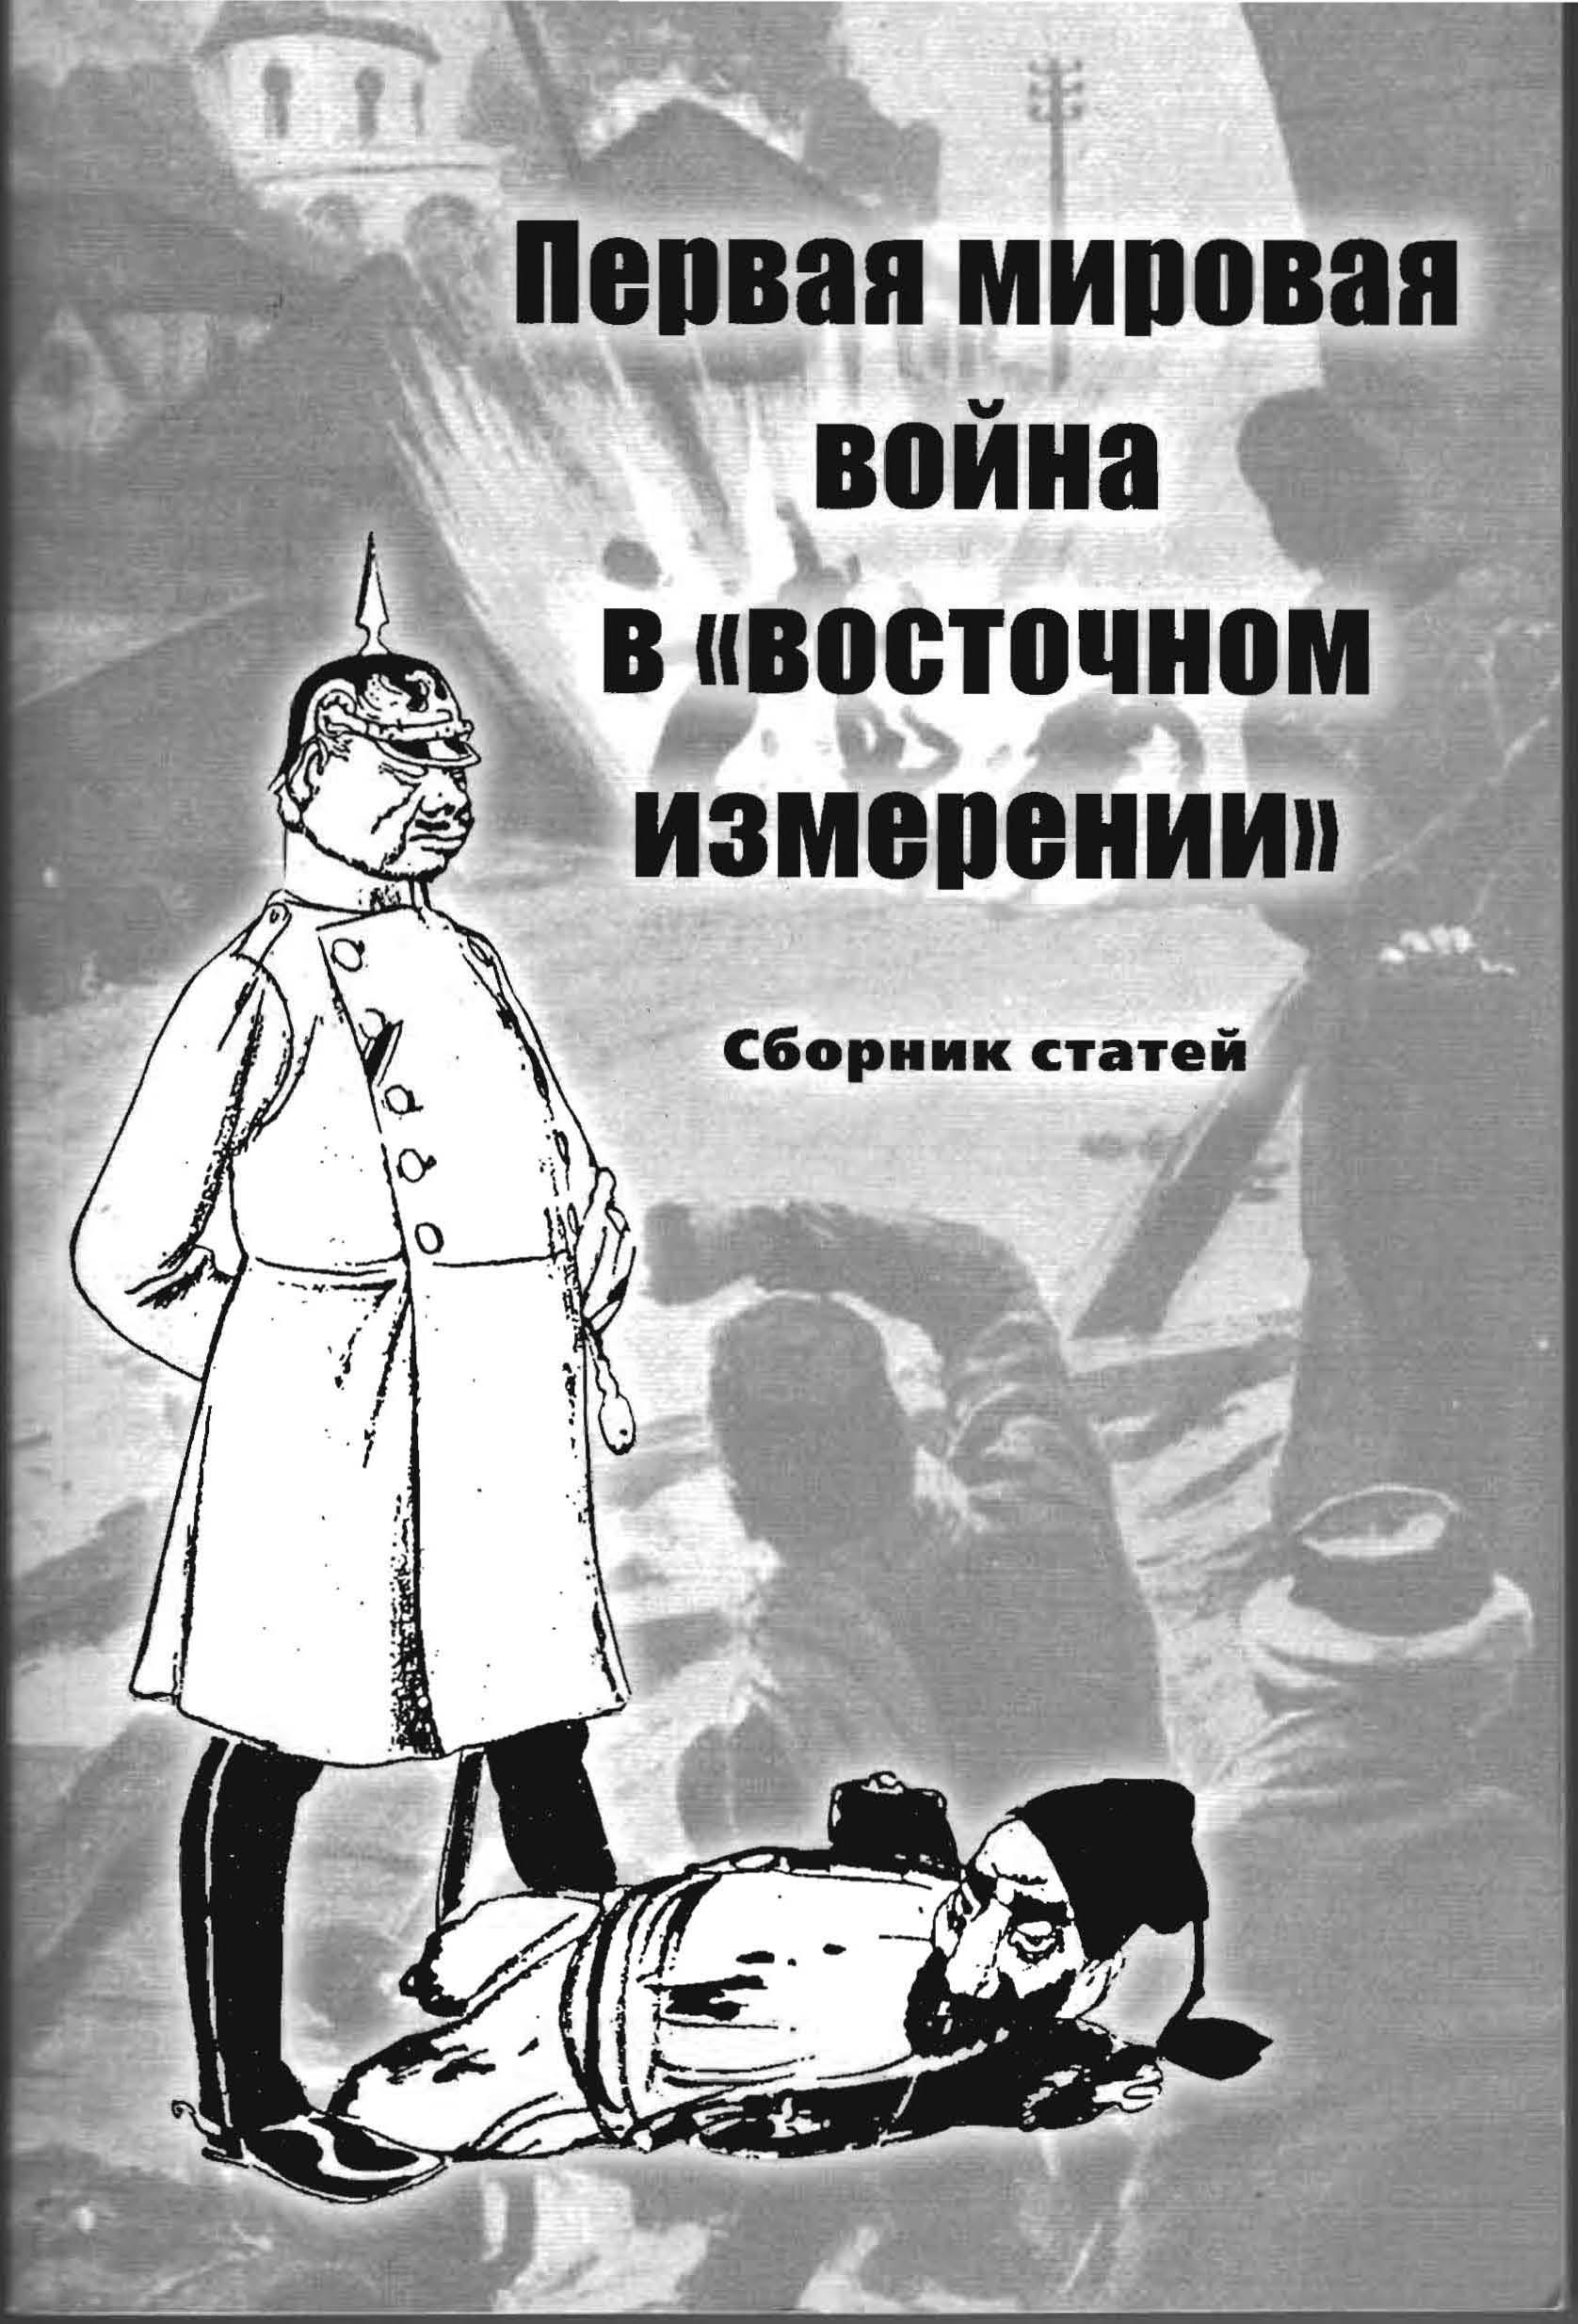 Вильсоновский момент на Восточном фронте война национализм и   Вильсоновский момент на Восточном фронте война национализм и буддизм в Сибири и